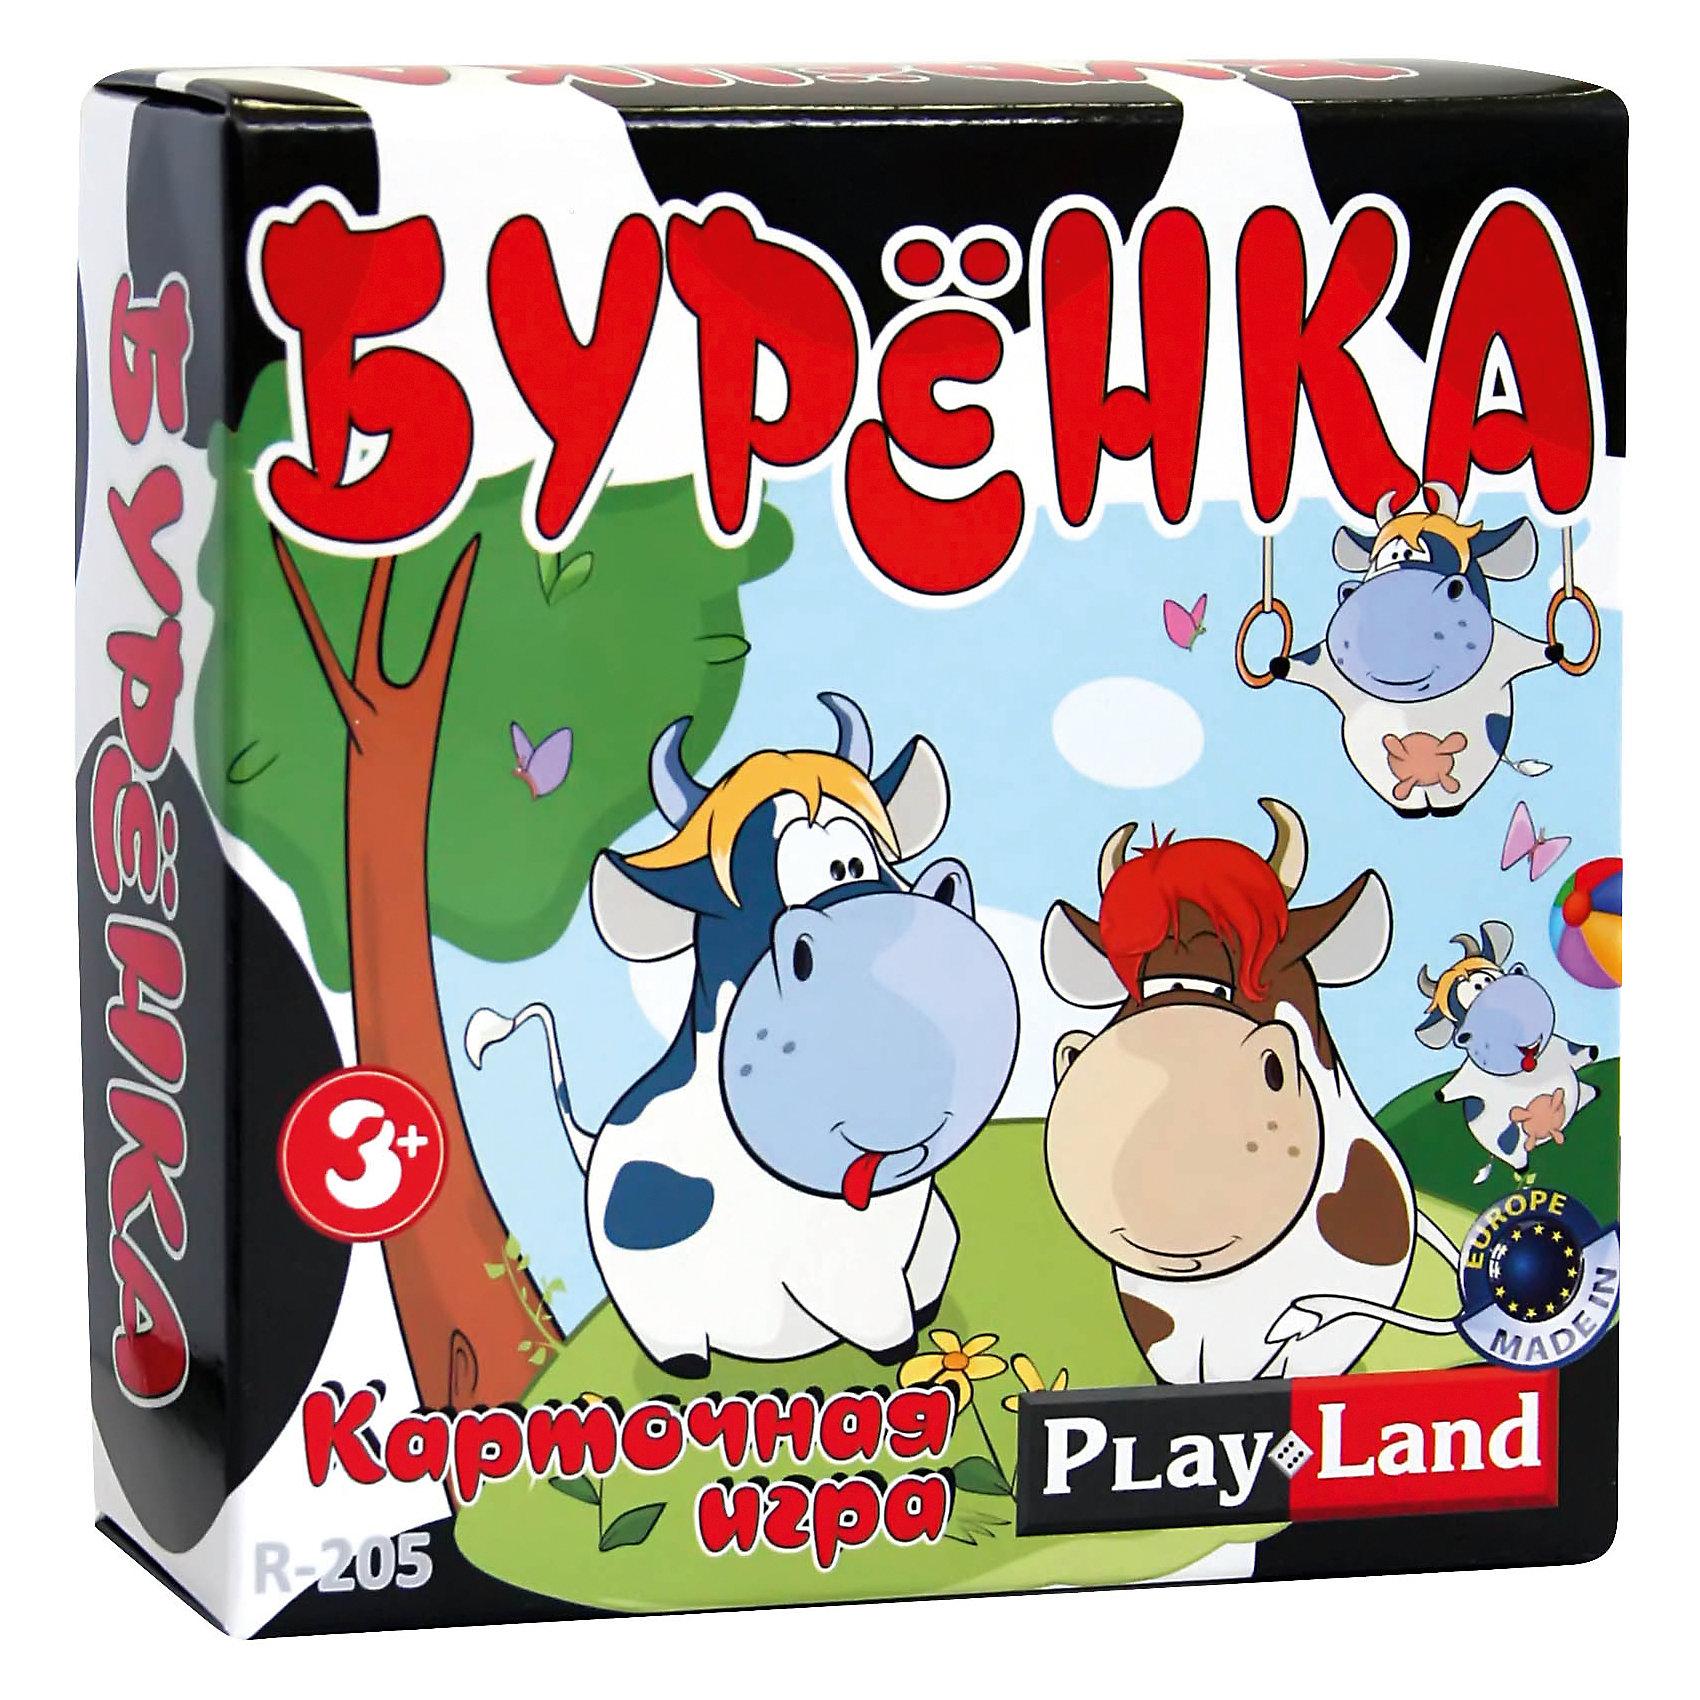 Настольная игра Буренка, Play LandИгры мемо<br>Характеристики товара:<br><br>• в комплекте:: 56 карт;<br>• количество игроков: 2-6;<br>• время игры: 30 минут;<br>• материал: пластик, картон;<br>• возраст: от 3-х лет;<br>• размер упаковки: 12х5х12 см;<br>• вес: 180 грамм;<br>• страна бренда: Болгария.<br><br>«Бурёнка» - занимательная настольная игра для детей от трех лет. <br><br>В комплект входят 56 карточек с изображением различных бурёнок. Каждая карточка имеет пару. Цель игры - собрать как можно больше пар одинаковых картинок. <br><br>Настольную игру Буренка, Play Land (Плей Лэнд) можно купить в нашем интернет-магазине.<br><br>Ширина мм: 120<br>Глубина мм: 50<br>Высота мм: 120<br>Вес г: 180<br>Возраст от месяцев: 36<br>Возраст до месяцев: 144<br>Пол: Унисекс<br>Возраст: Детский<br>SKU: 6893356